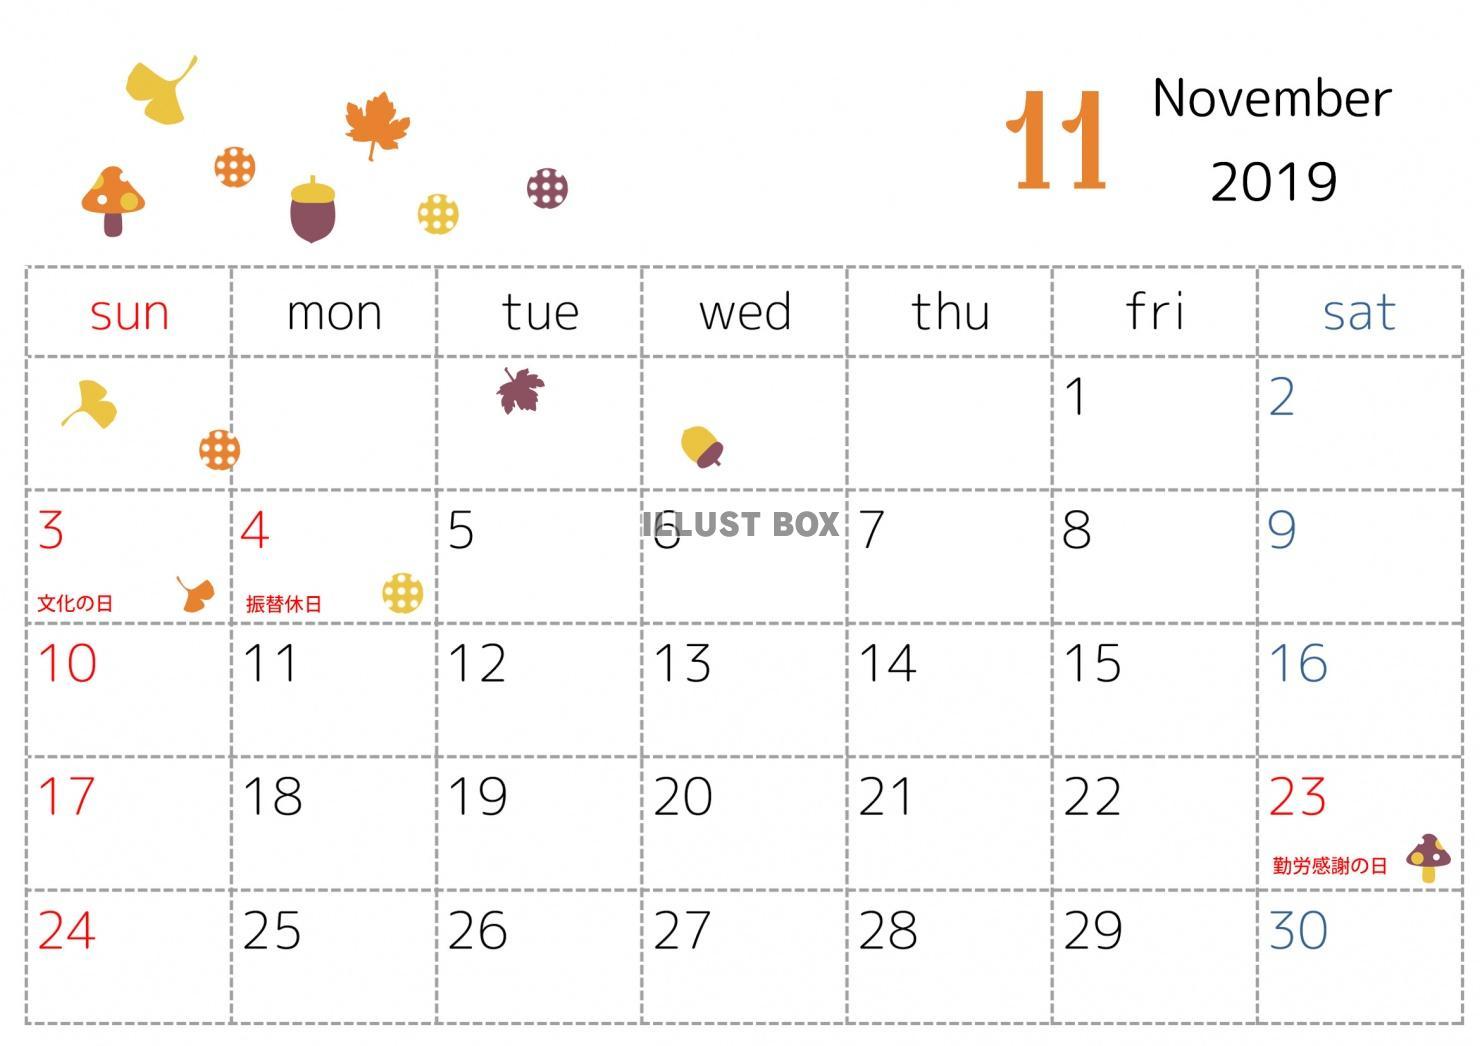 無料イラスト 19年11月カレンダー ドットとモチーフ